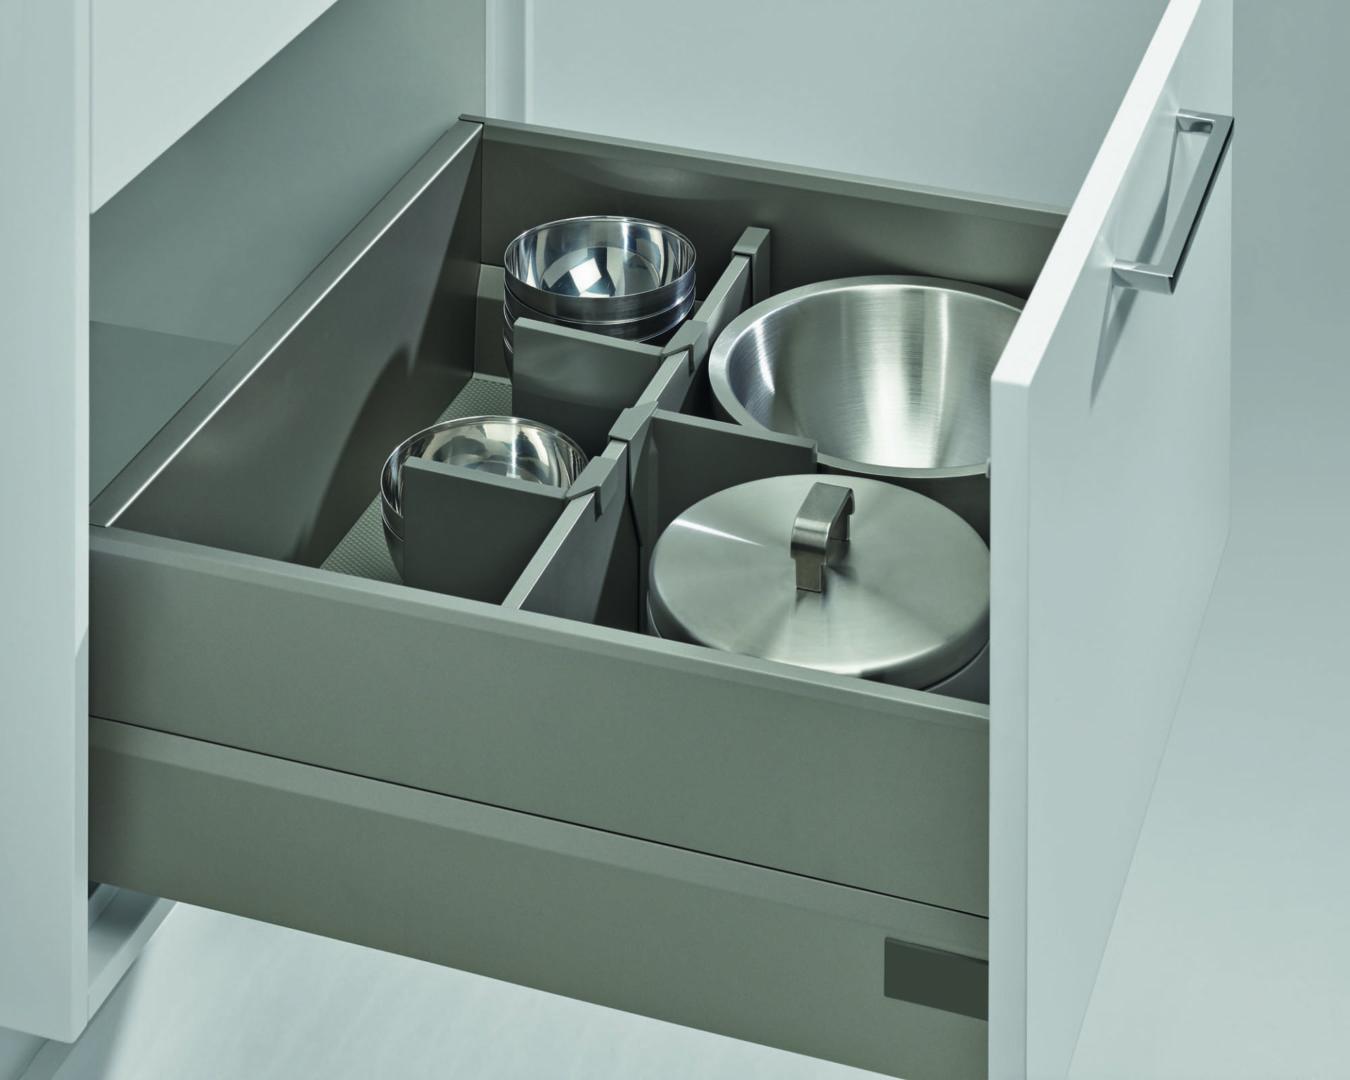 pn Auszug 4 scaled - Accessori cucina